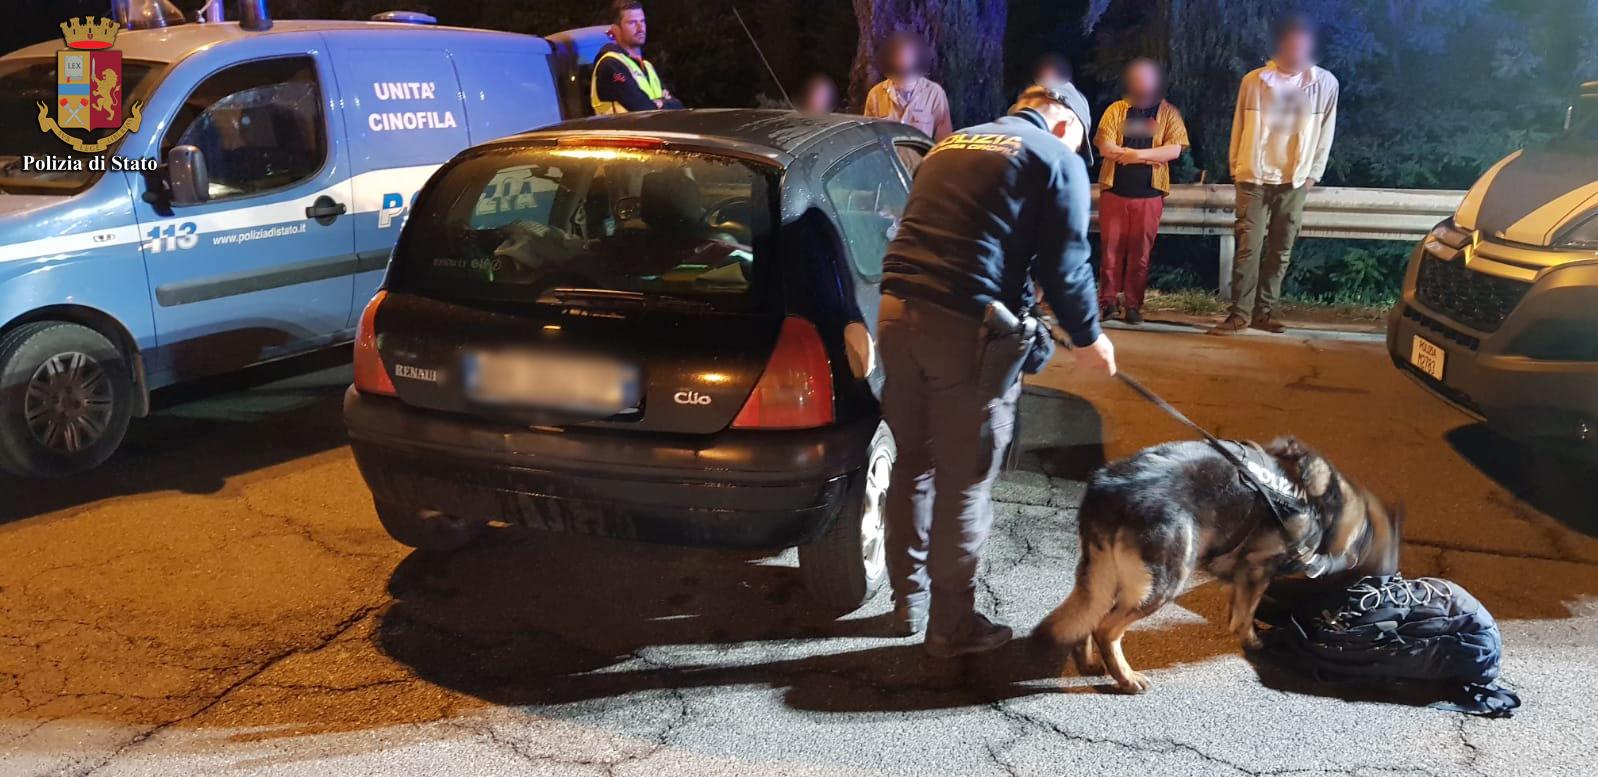 Polizia contro alcool e droga in autostrada, ritirate 21 patenti e tolti oltre 500 punti